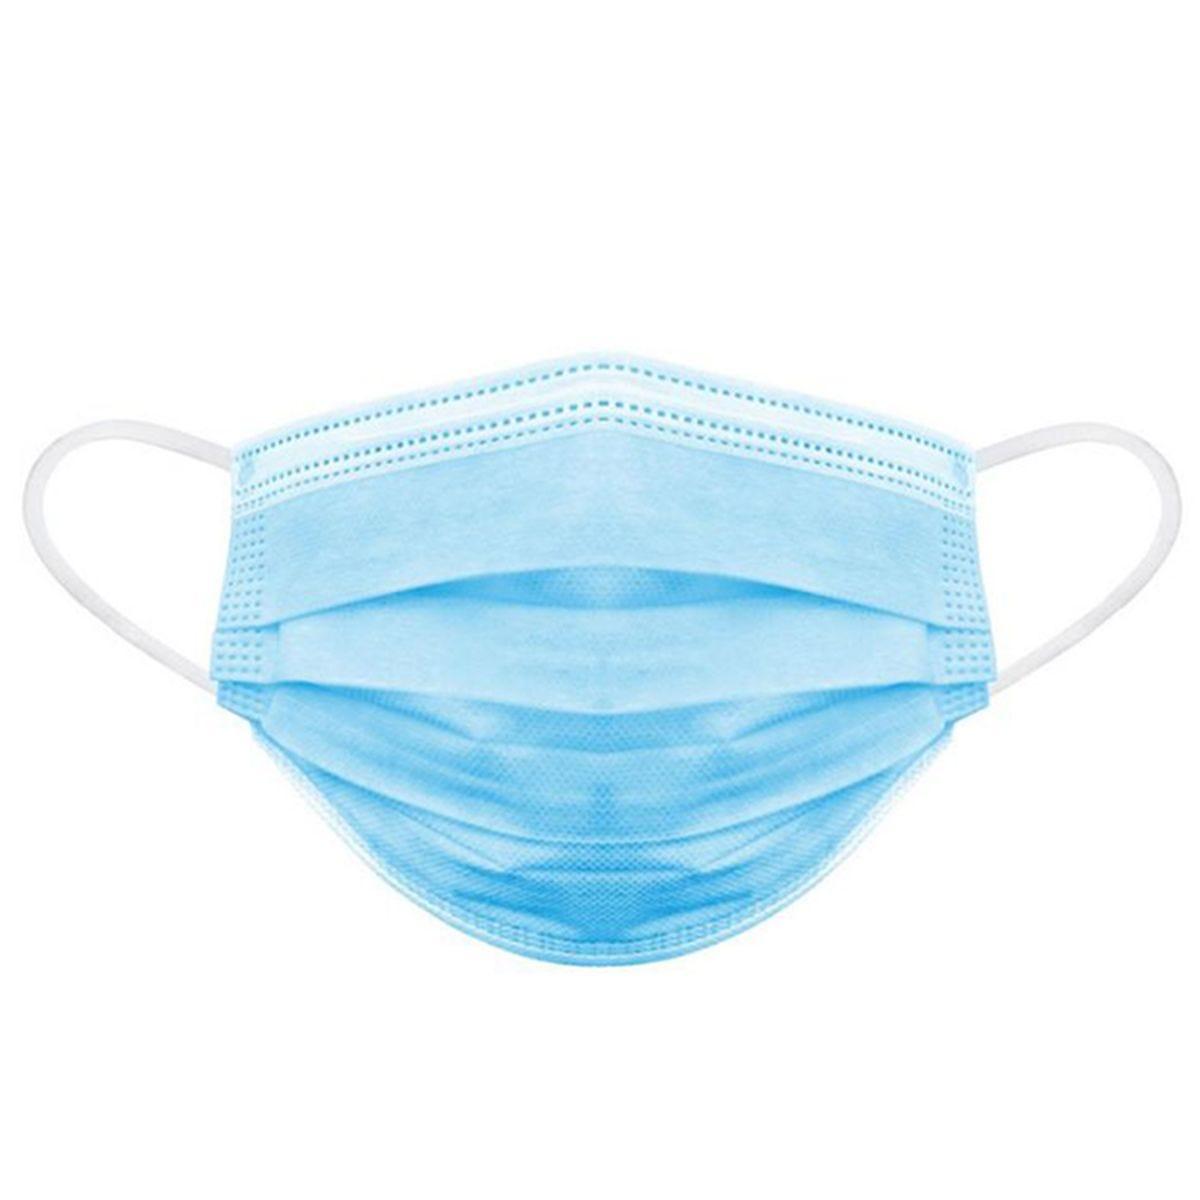 Stay Safe Face Masks - 3 Pack